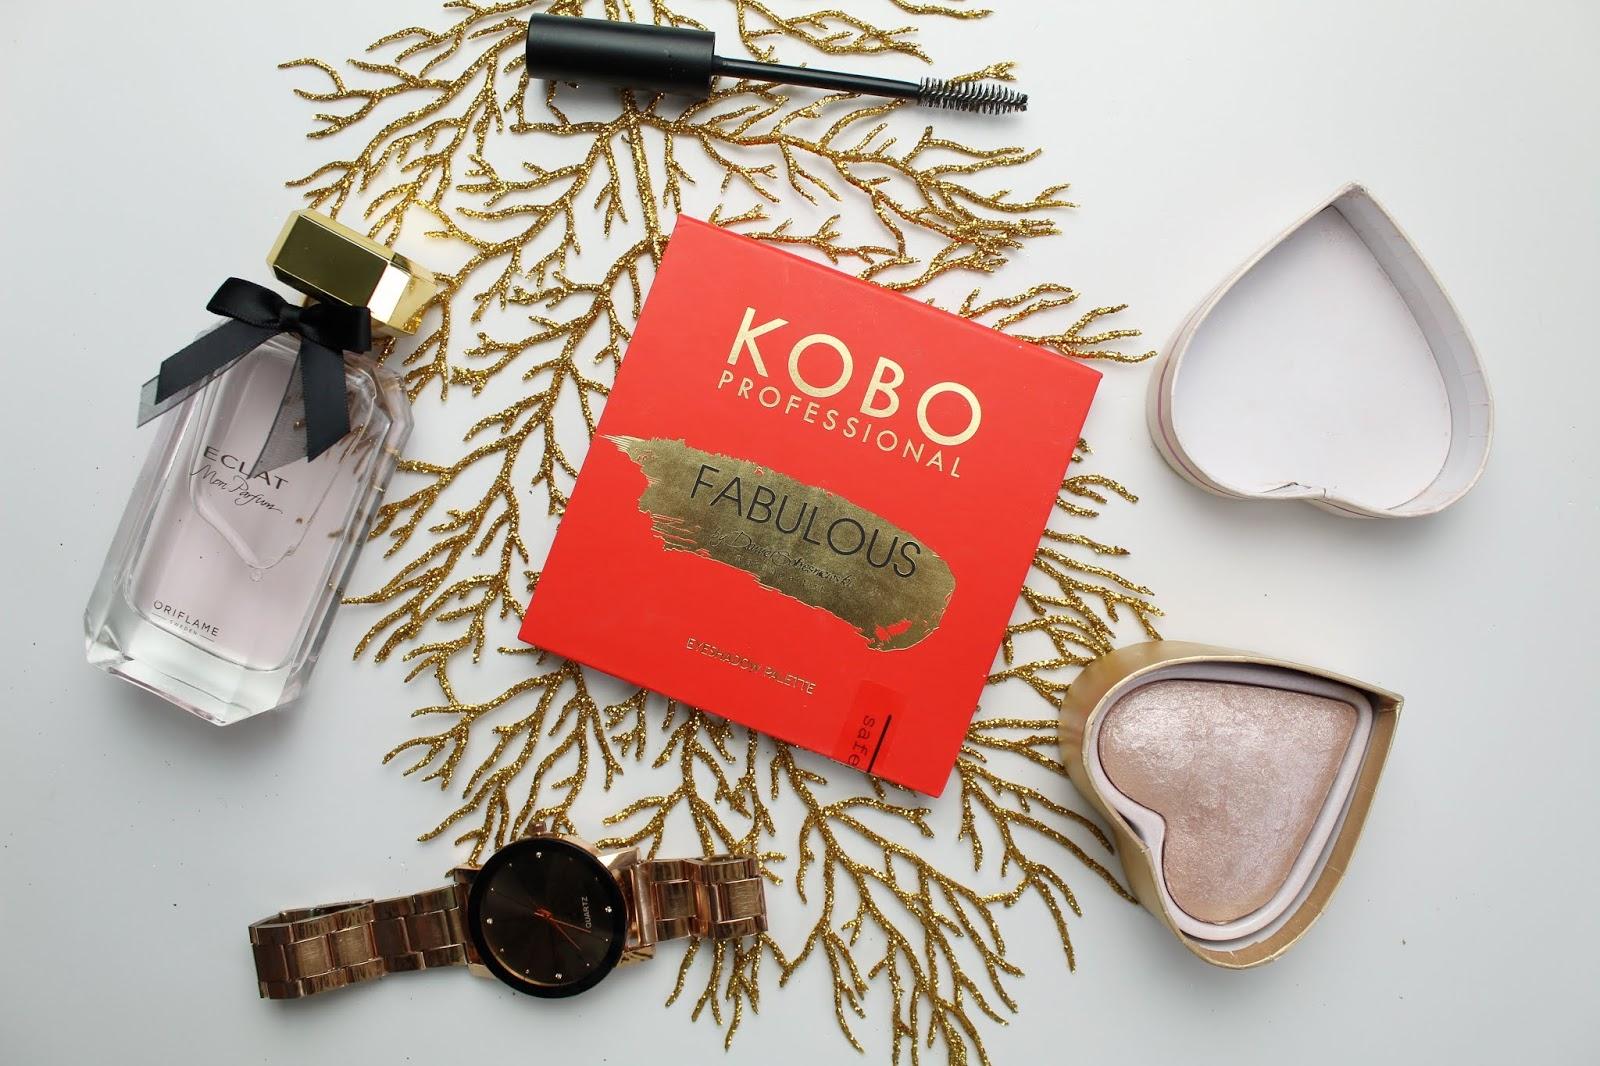 Kobo Professional, Fabulous Eyeshadow Palette by Daniel Sobieśniewski